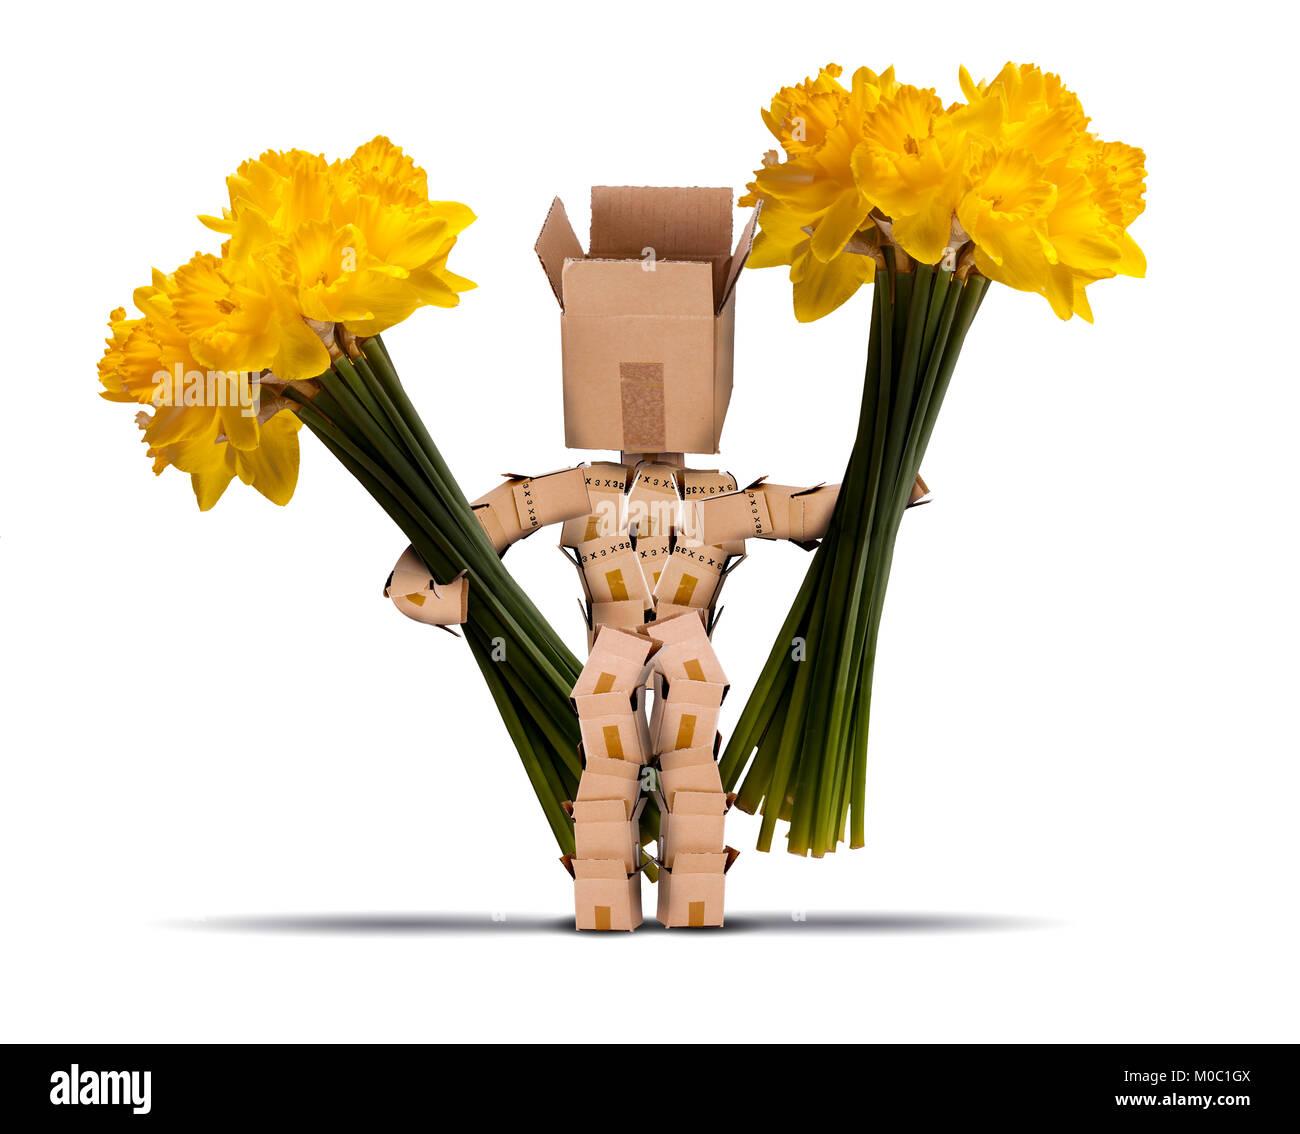 Box Charakter mit großen Trauben von Narzissen. Schneiden gelbe Blumen und einen netten Charakter von Boxen Stockbild